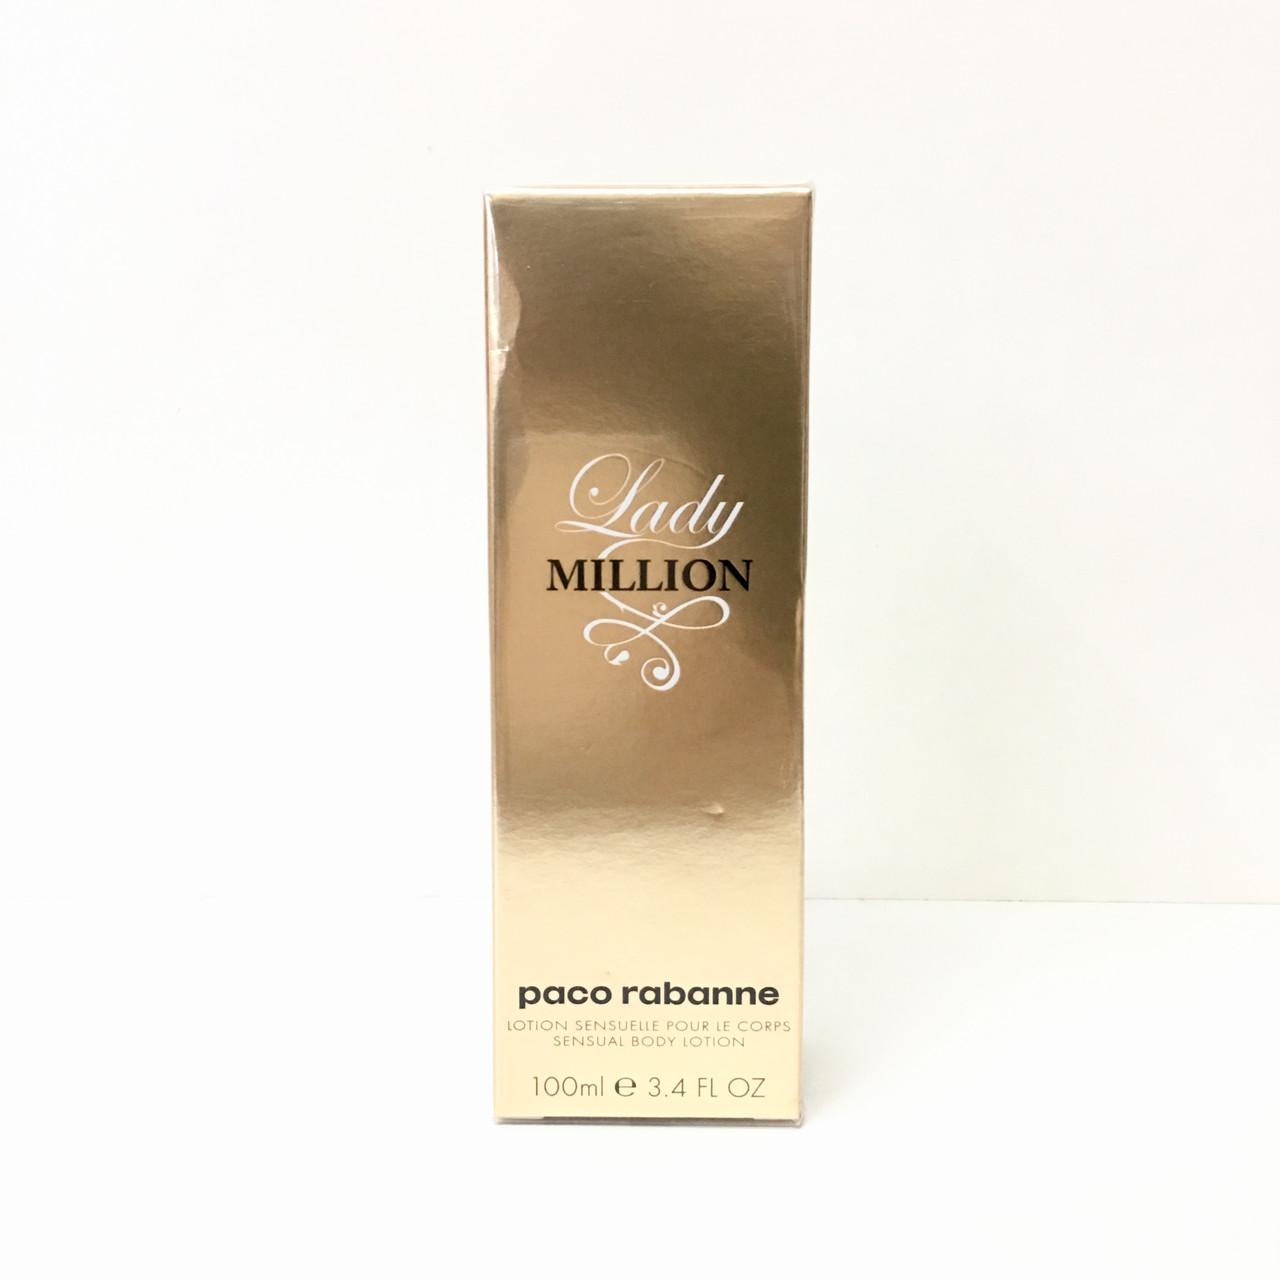 PACO RABANNE Lady Million (Пако Рабан Леді Мільйон) лосьйон для тіла 100ml